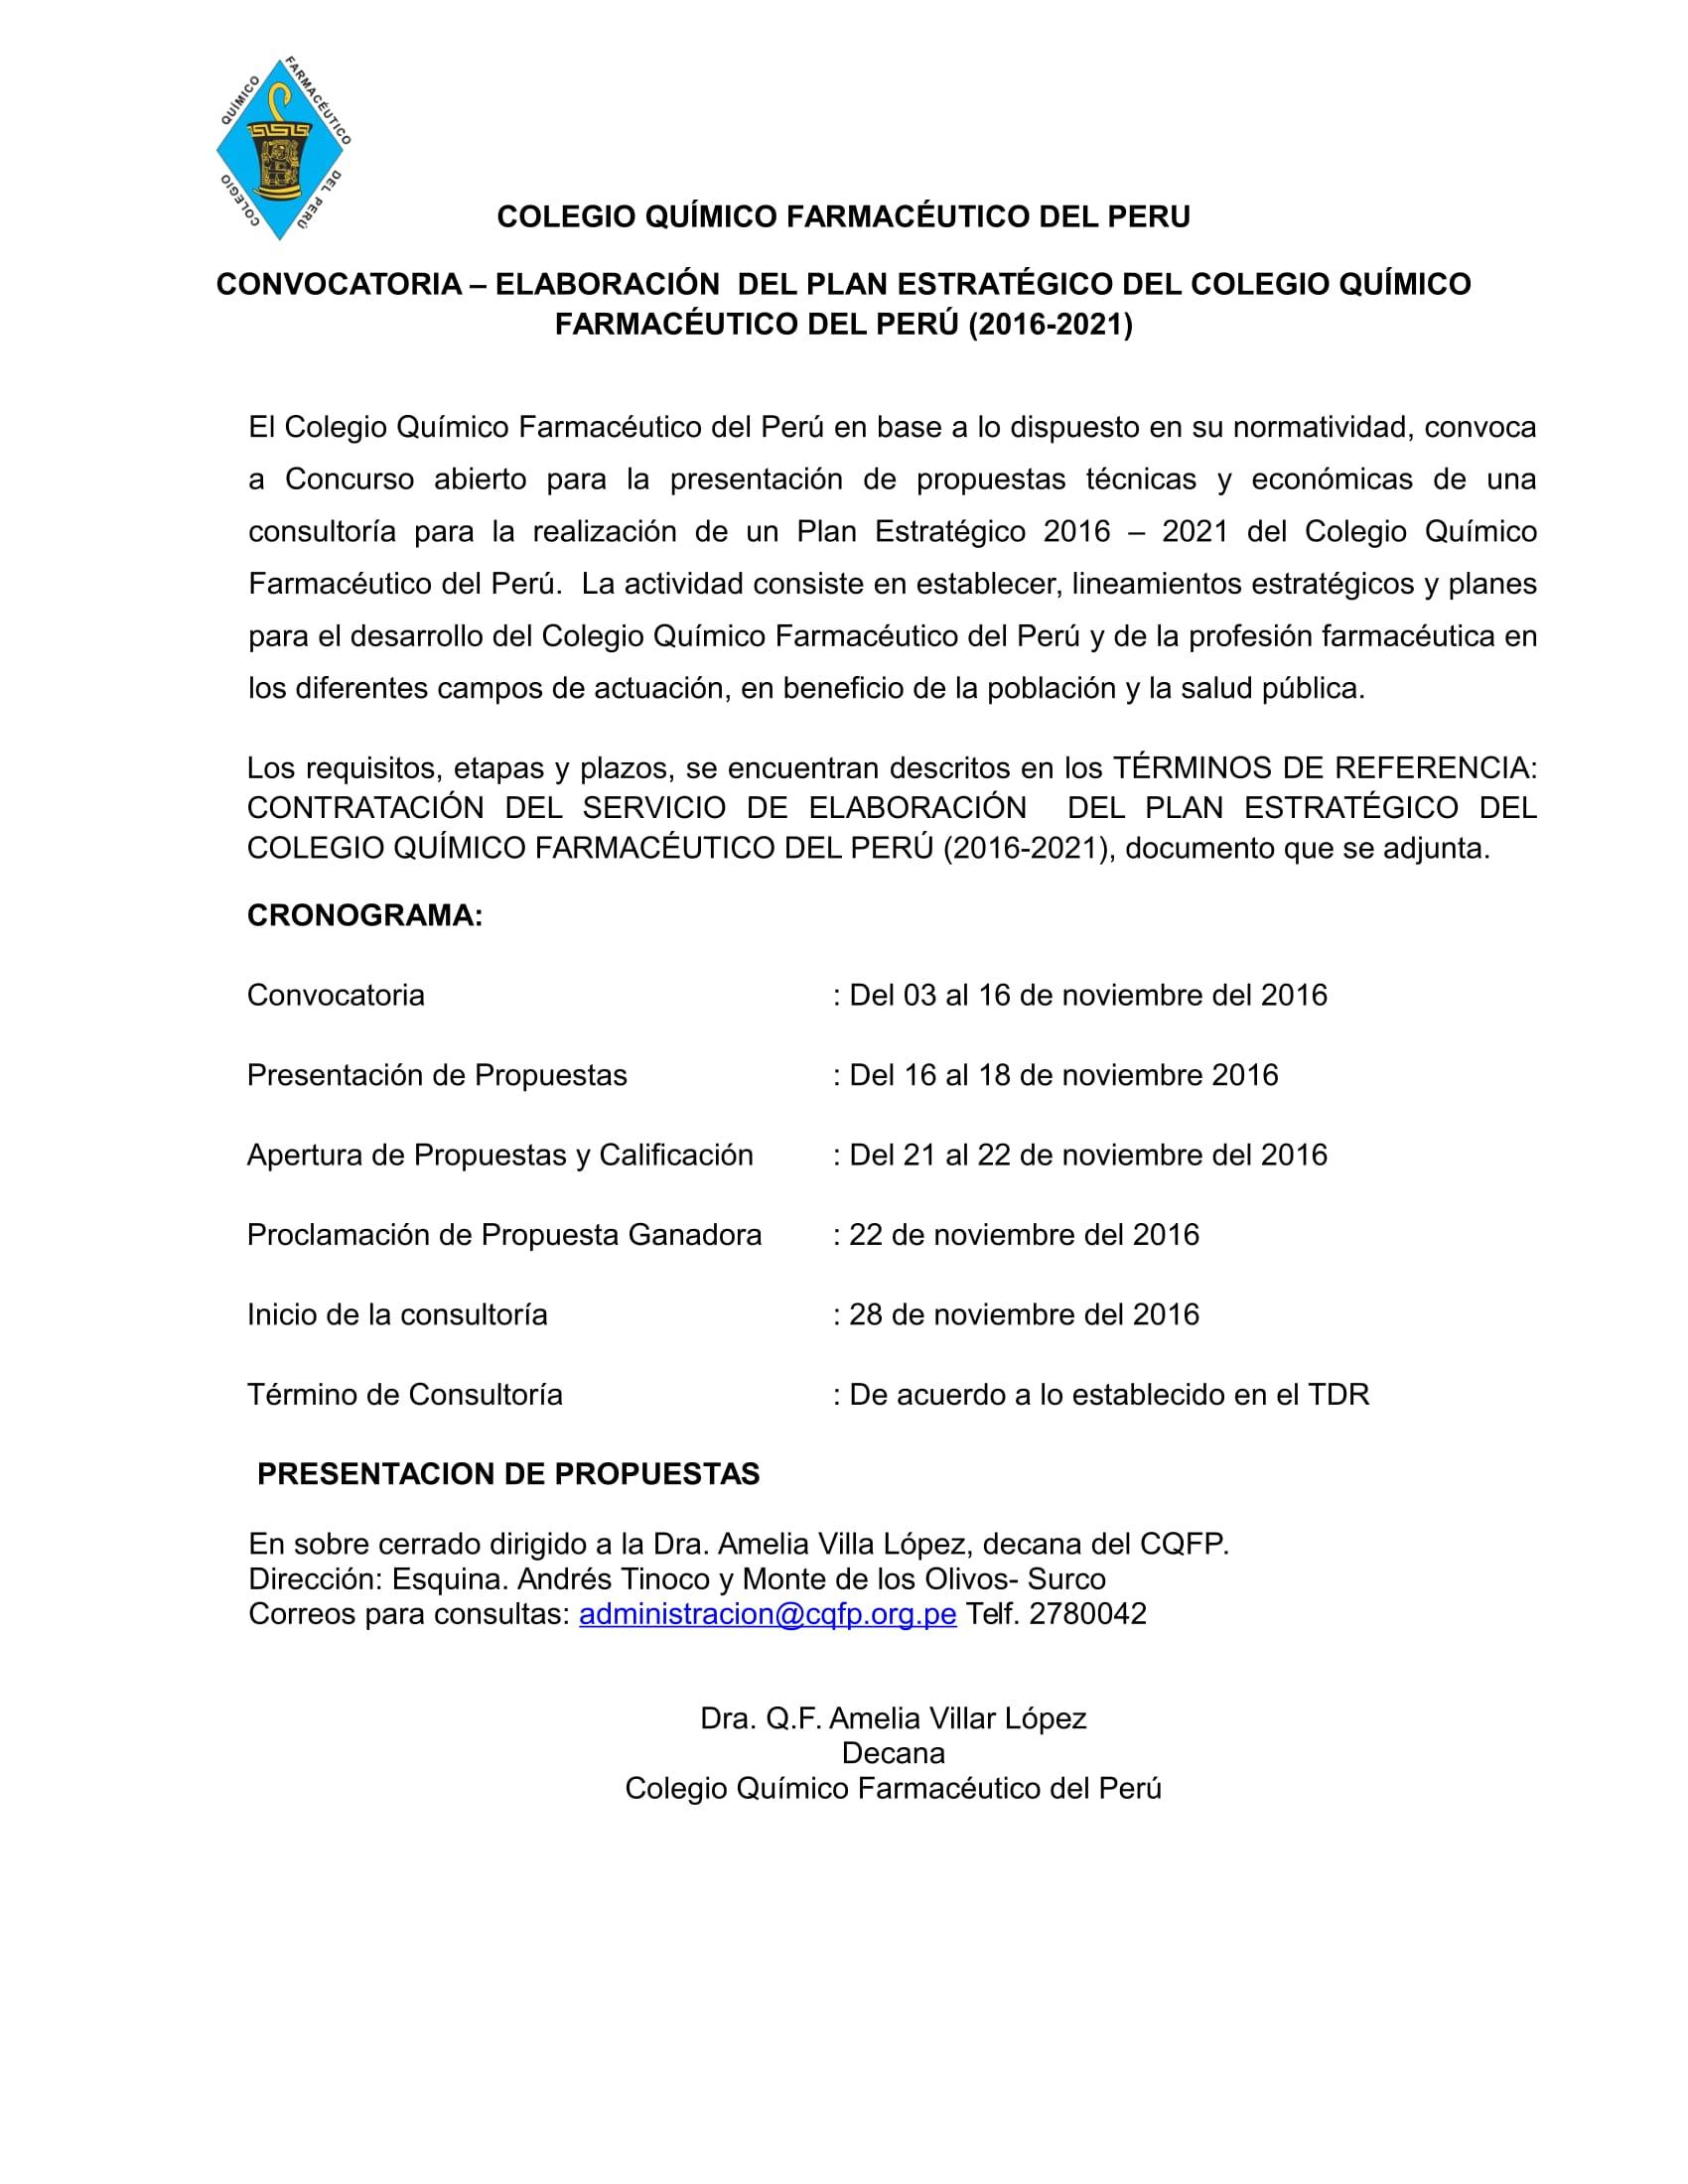 AMPLIACIÓN CONVOCATORIA – ELABORACIÓN DEL PLAN ESTRATÉGICO DEL COLEGIO QUÍMICO FARMACÉUTICO DEL PERÚ (2016-2021)